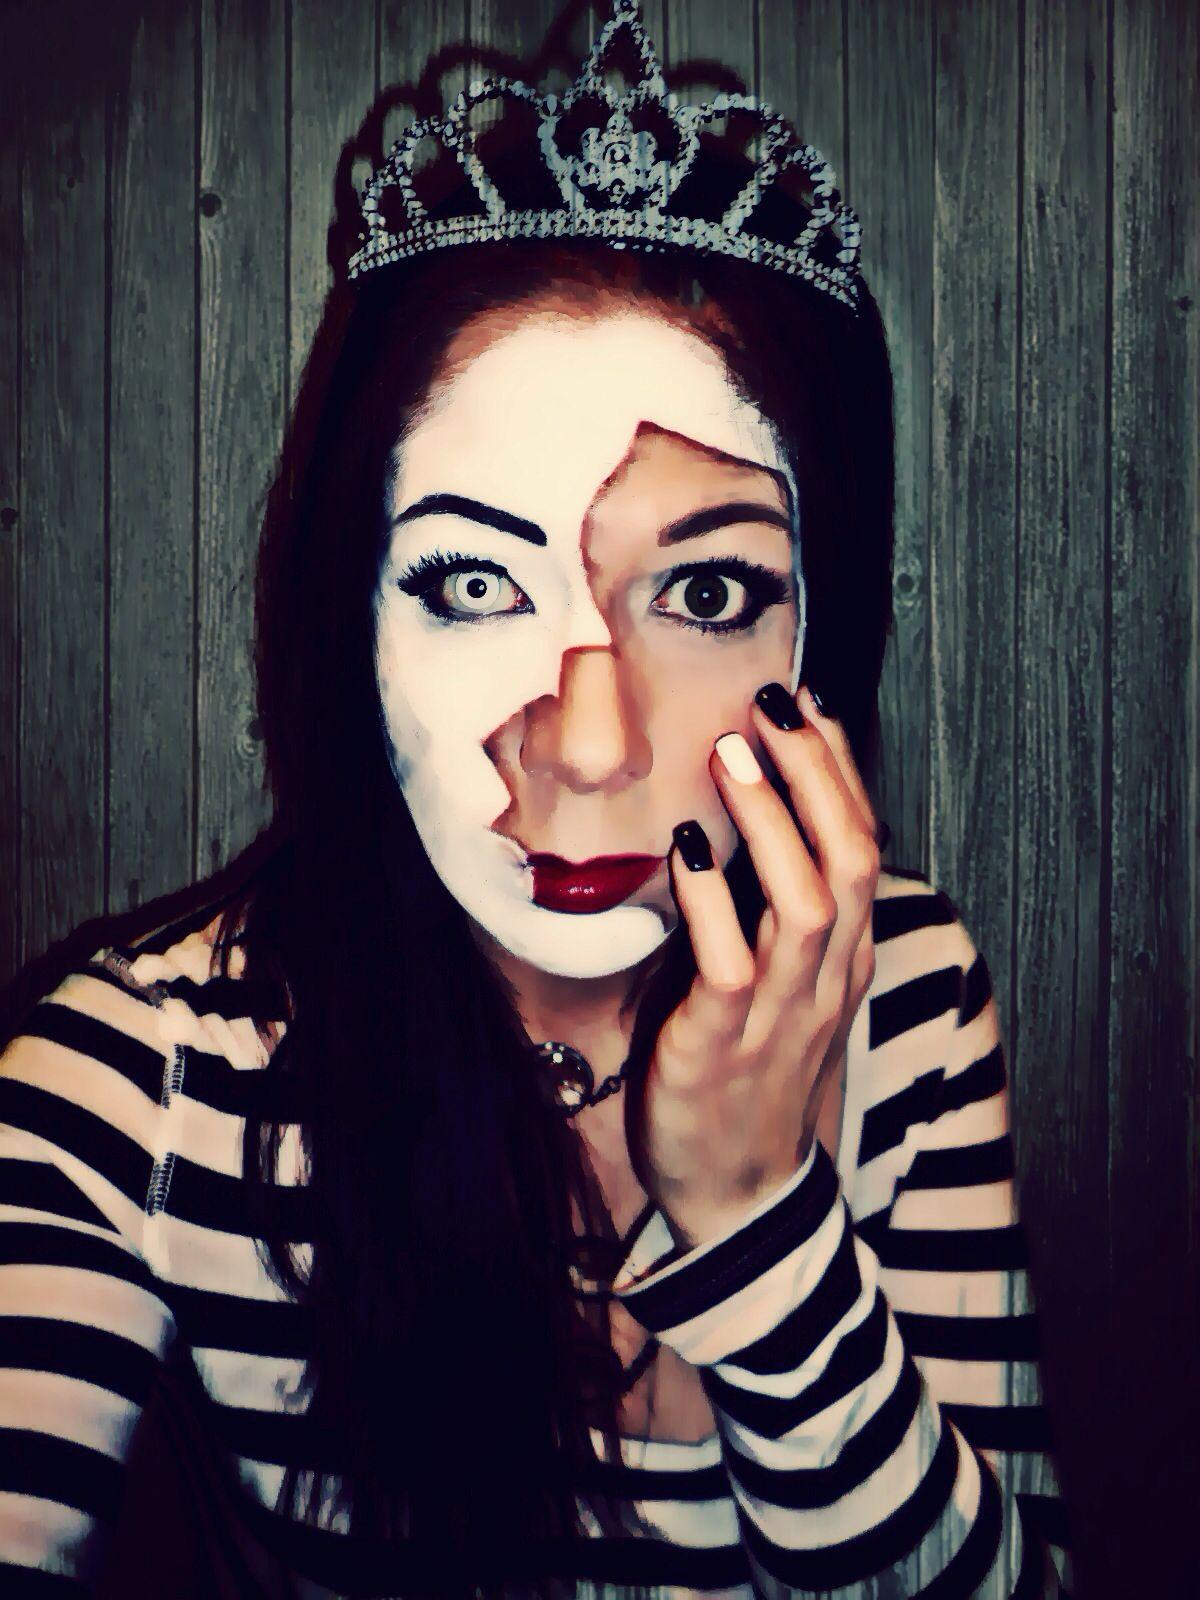 Broken Face Makeup, Halloween, Costume, Special Effects Makeup ...